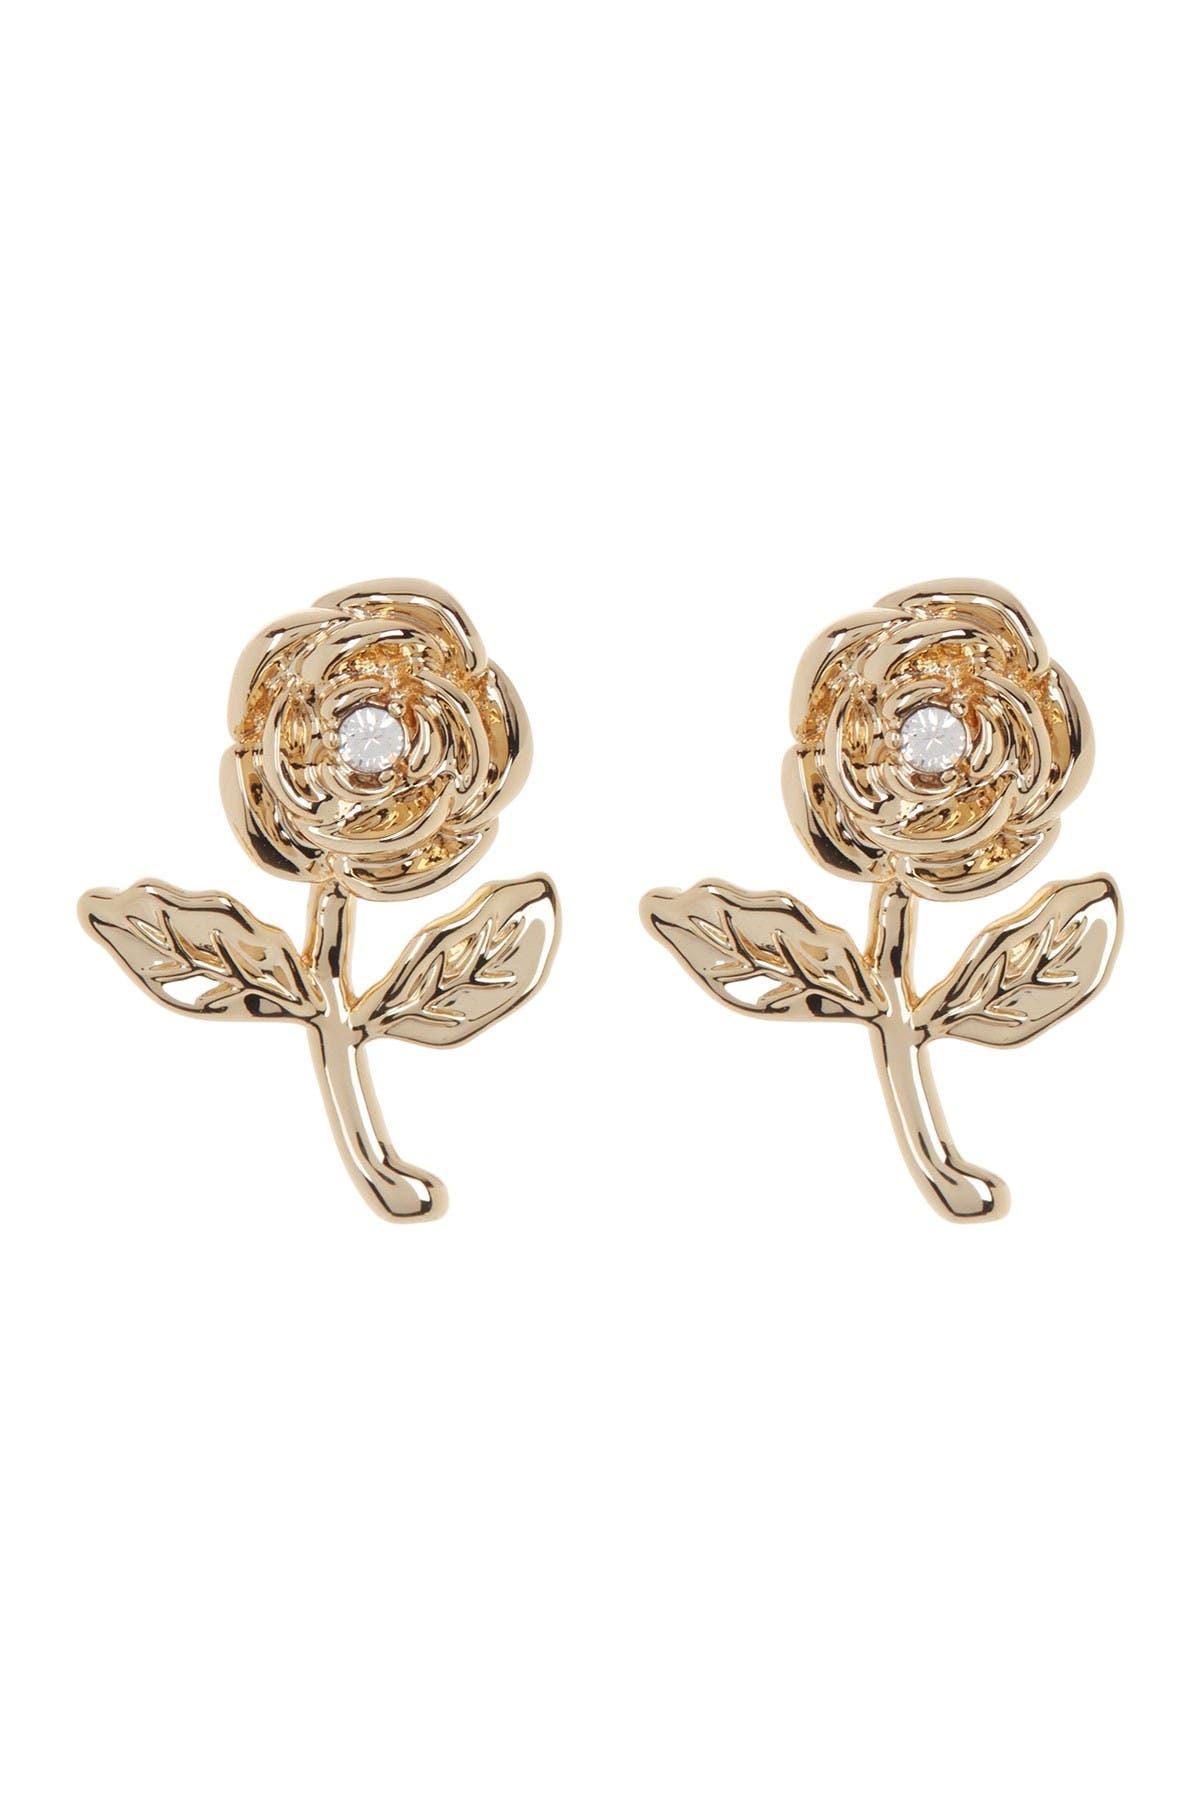 Image of Rebecca Minkoff Curb Chain Drop Huggie Earrings